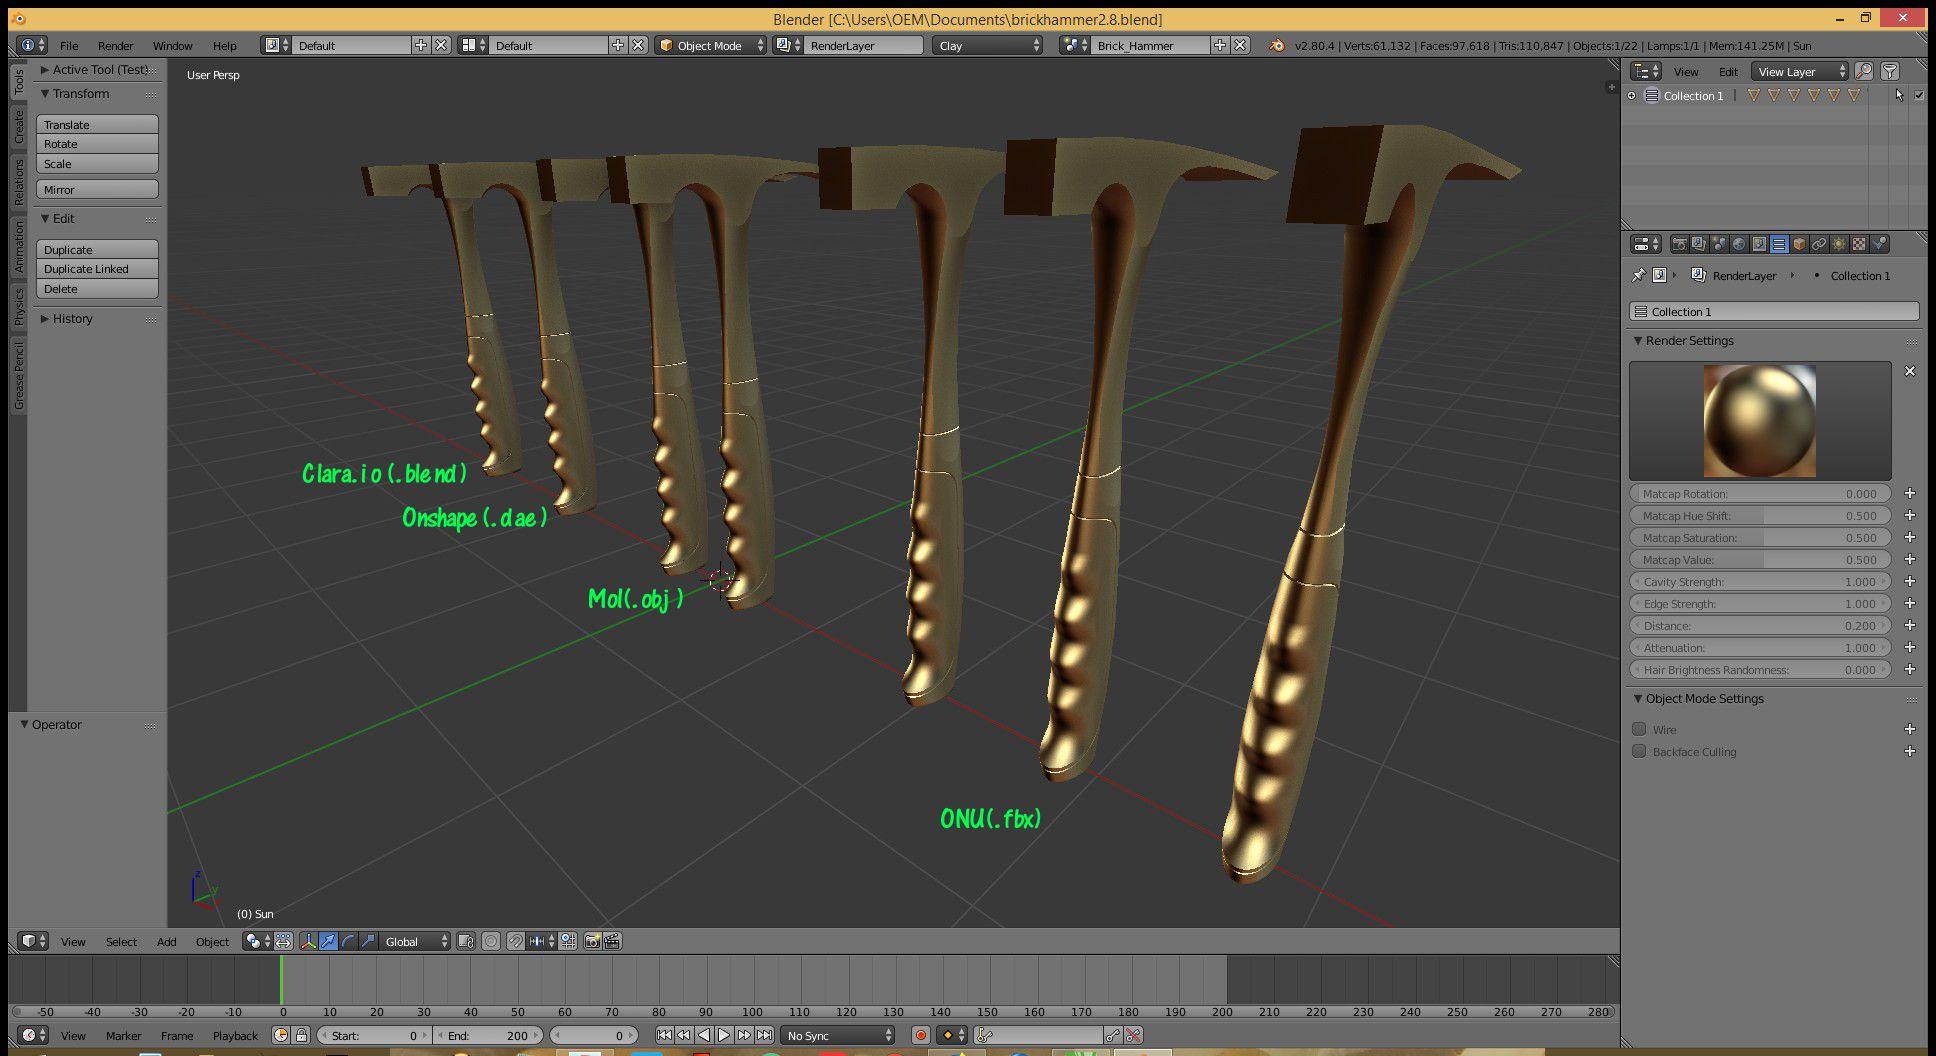 Workflow for modelling in Onshape, rendering in Blender? — Onshape